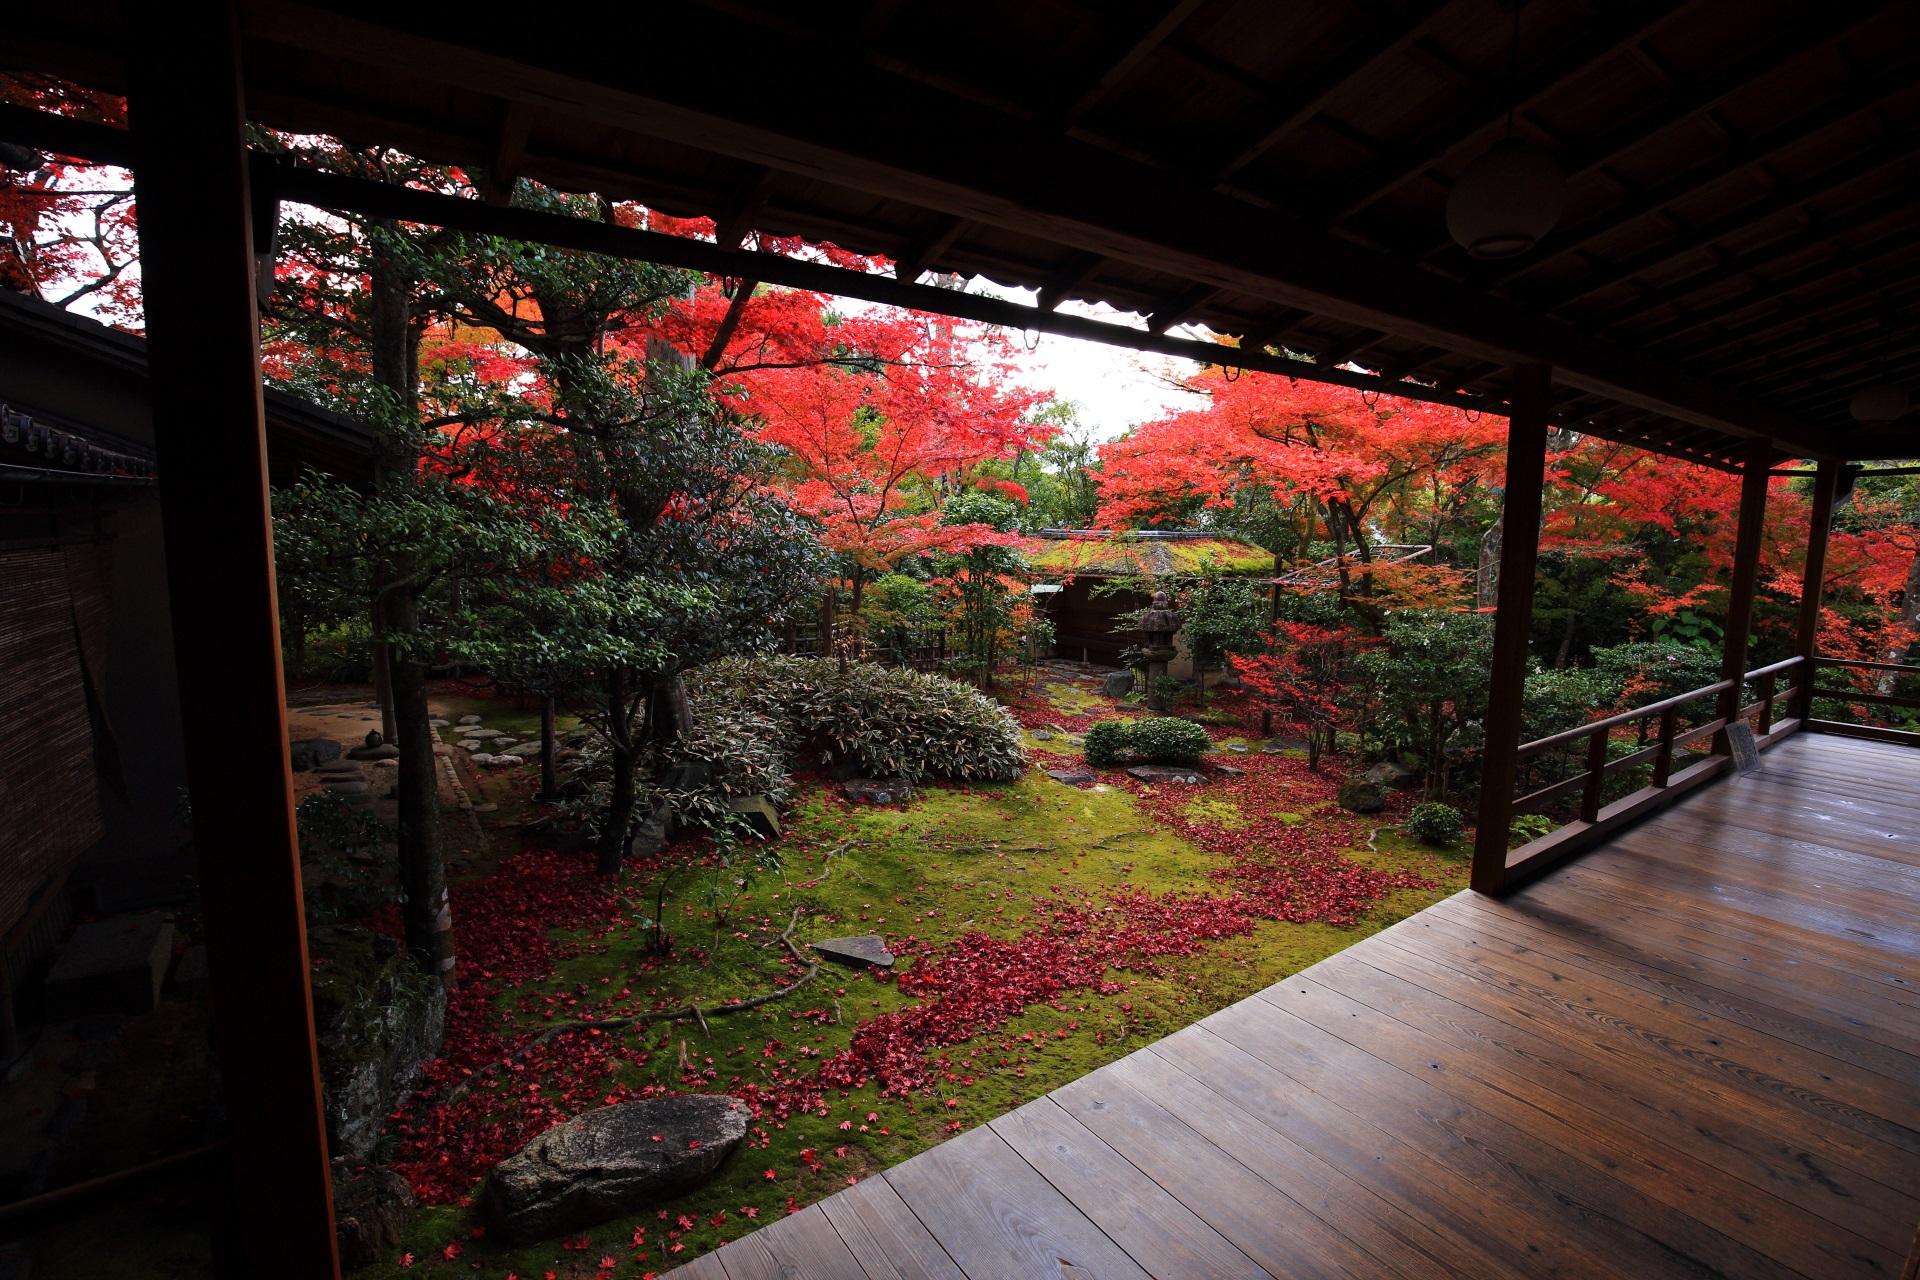 妙心寺大法院の鮮やかに染まる露地庭園の紅葉